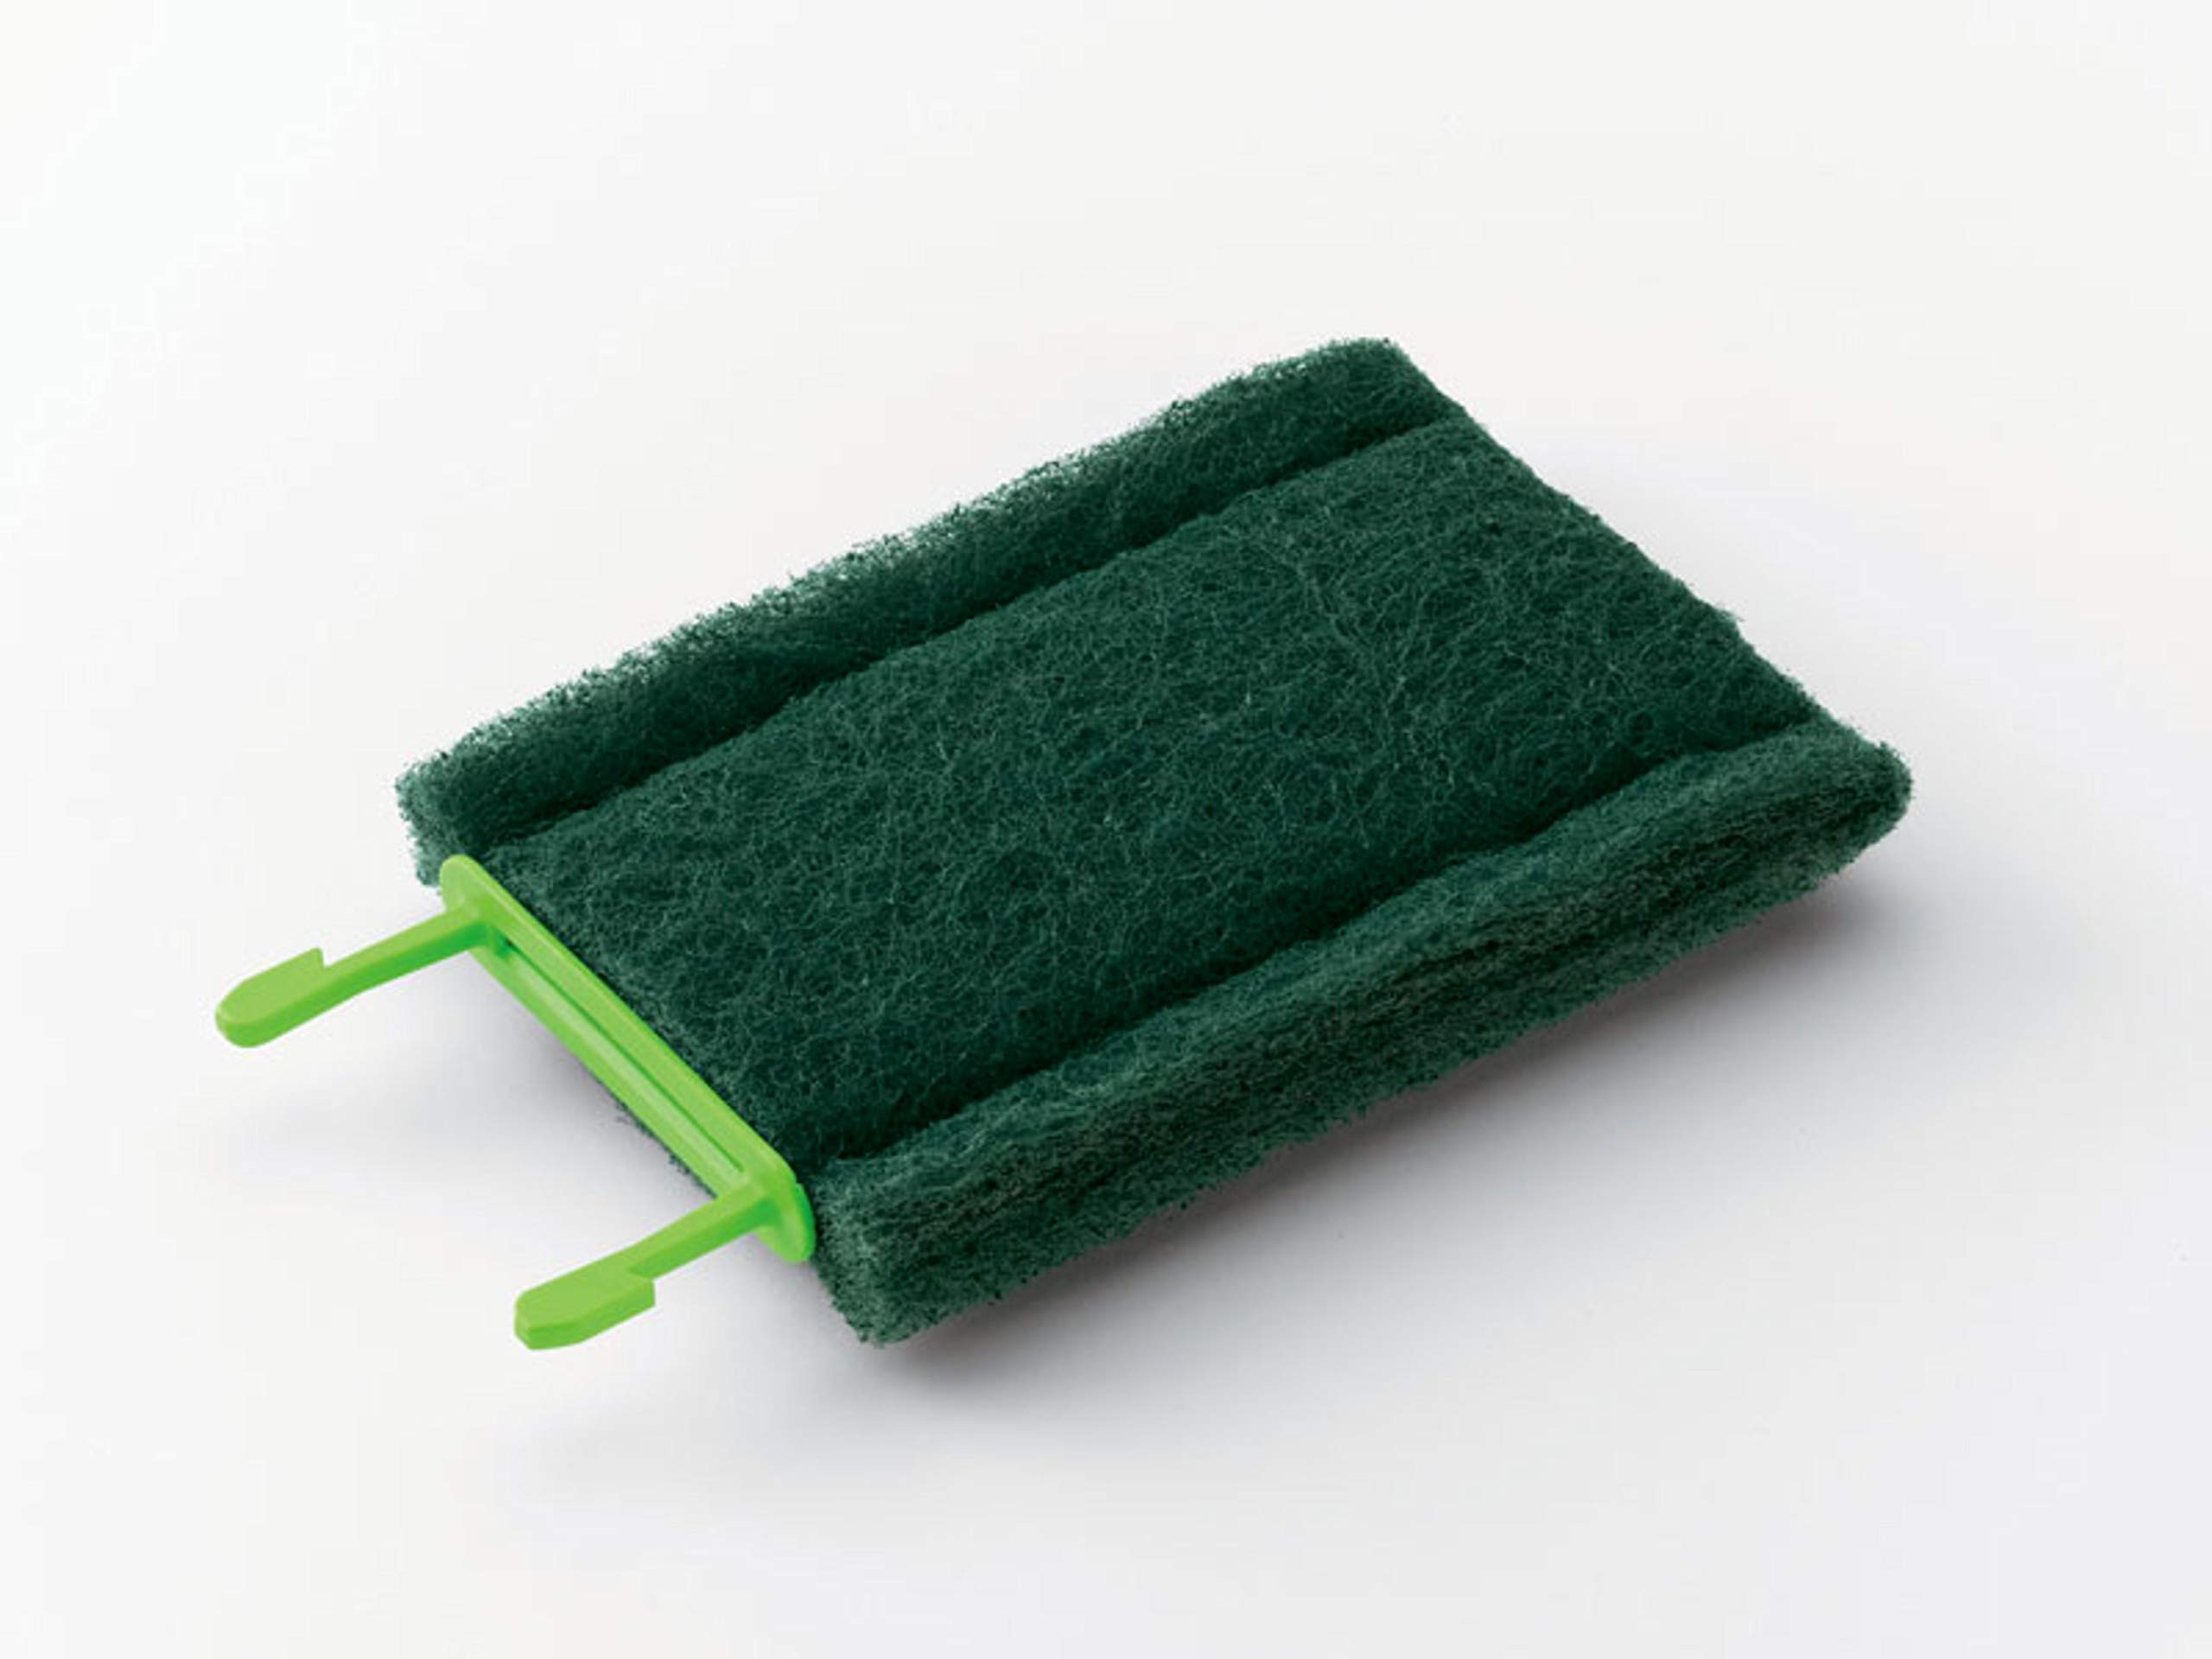 Scotch-Brite 902 Medium Duty Cleaning Pad, Green (Case of 6) by Scotch-Brite